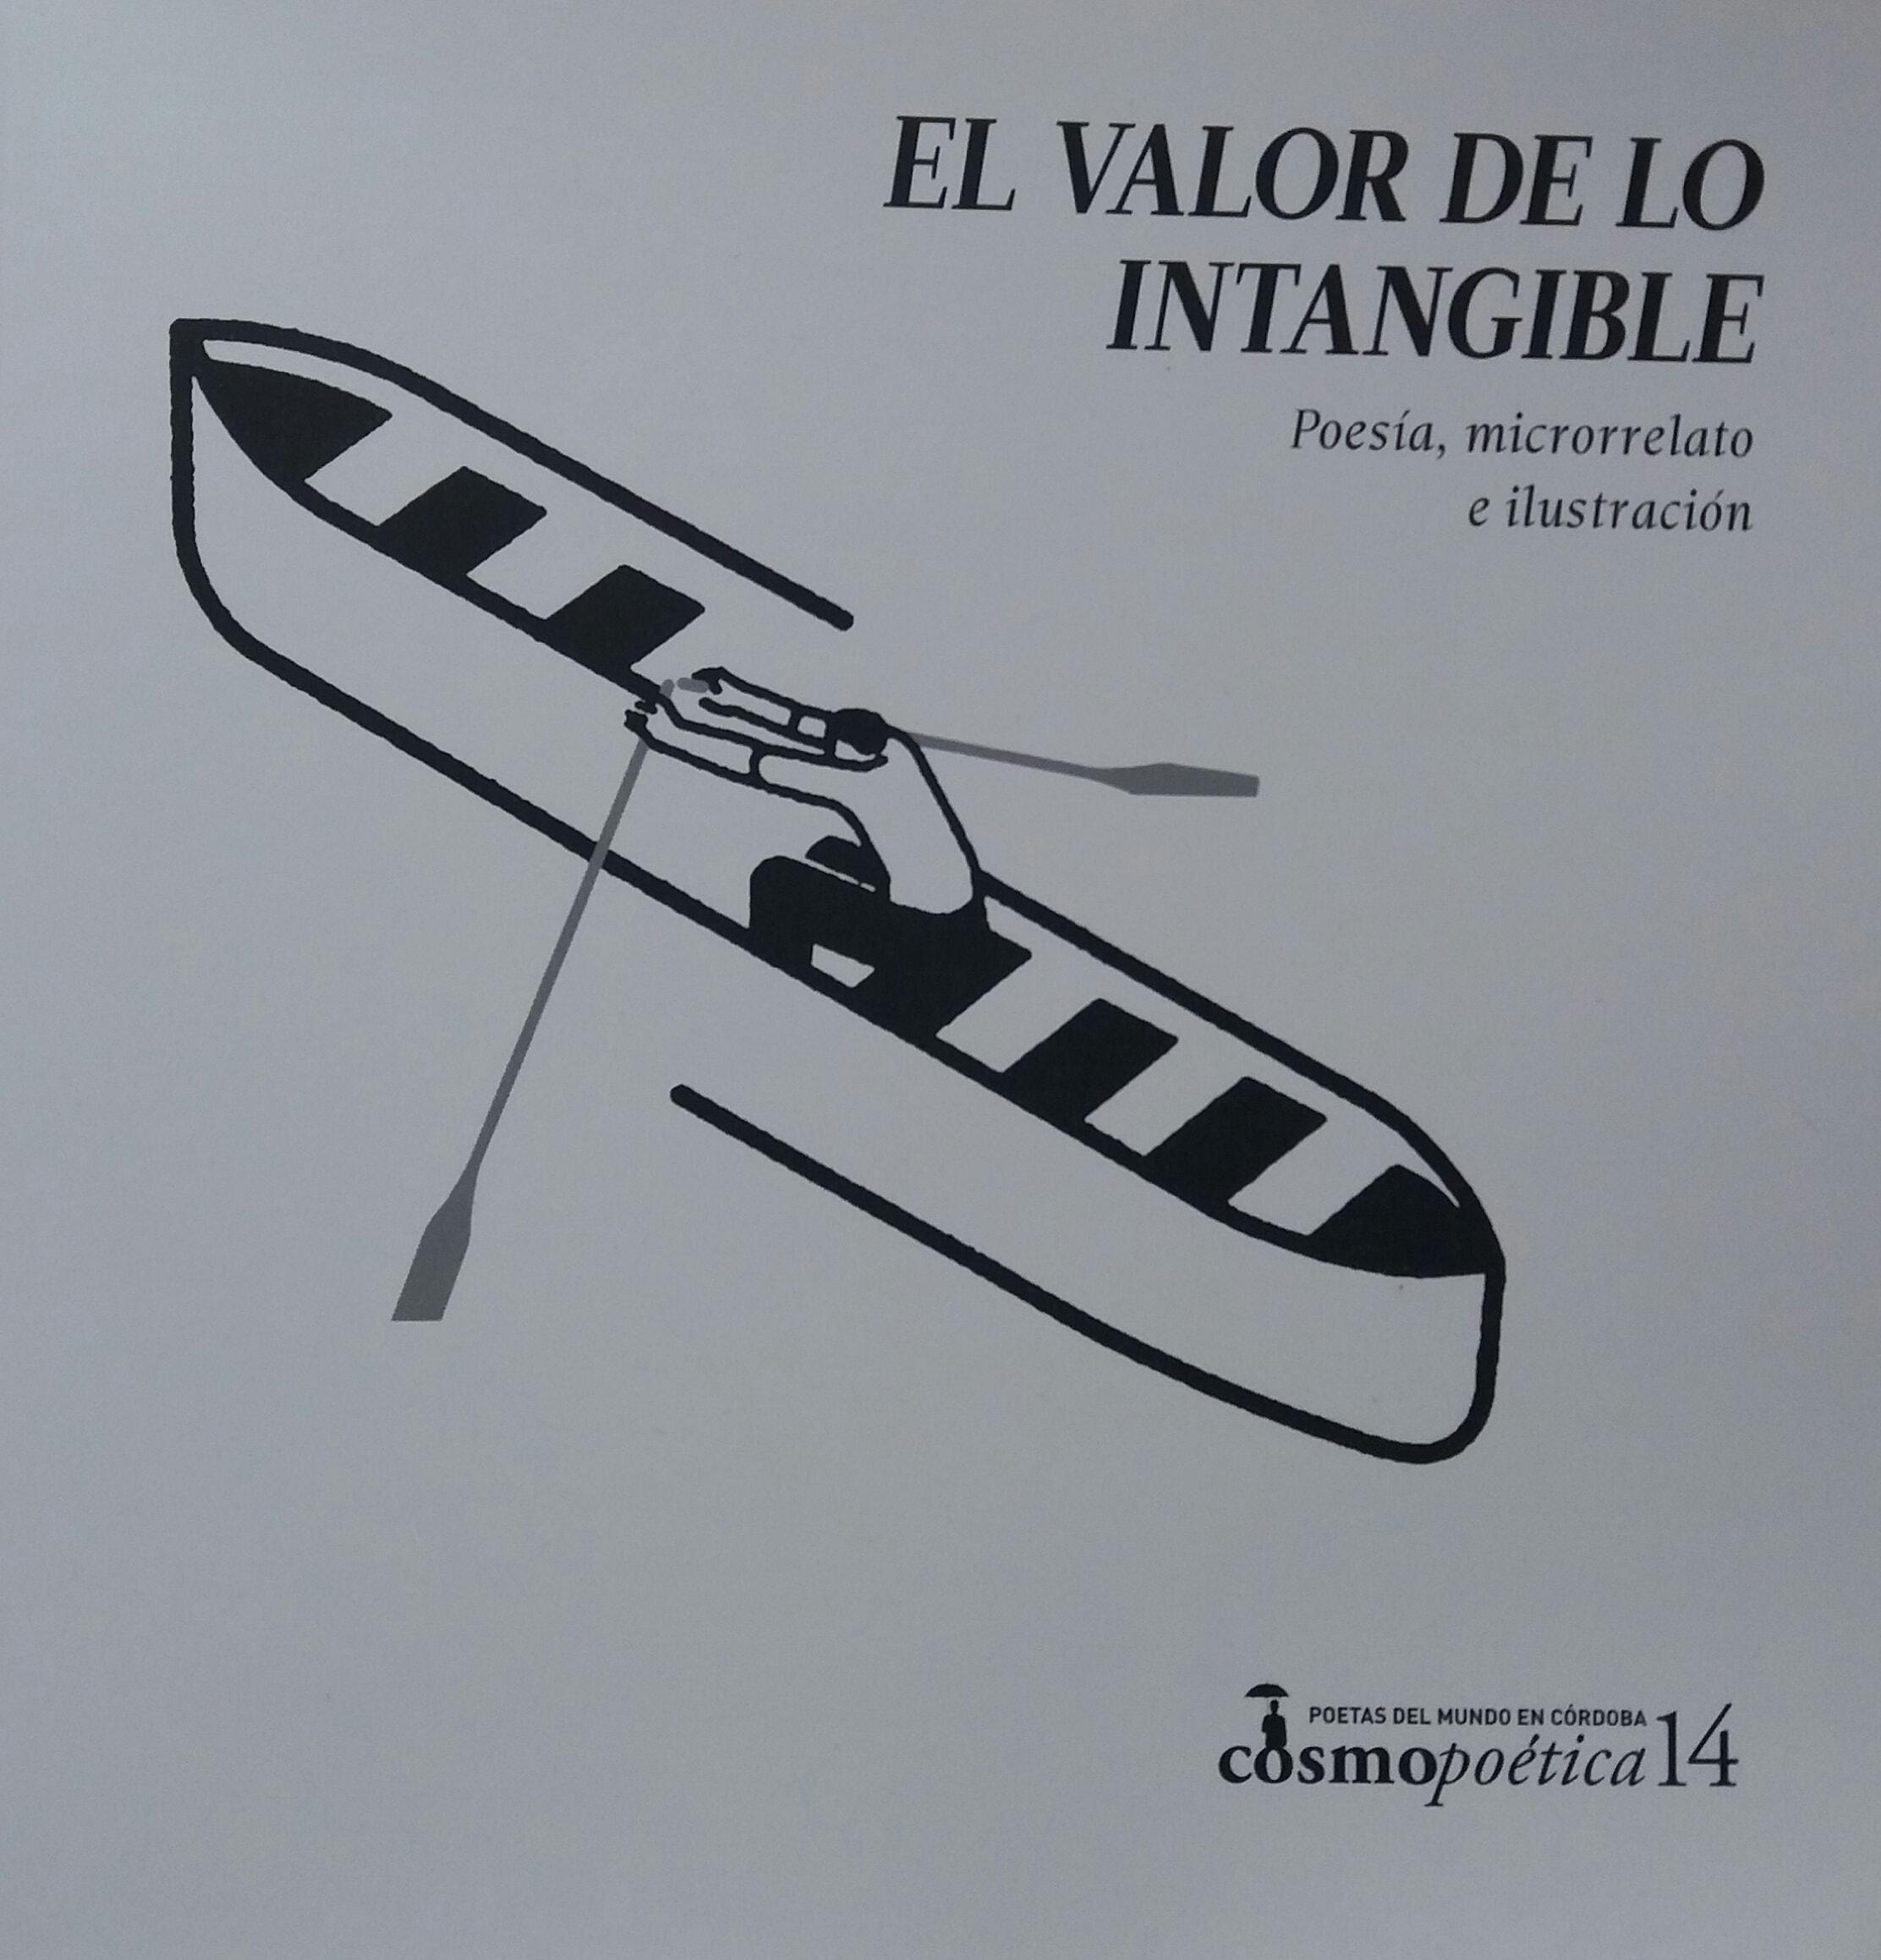 """Portada catalógo """"El valor de lo intangible"""""""